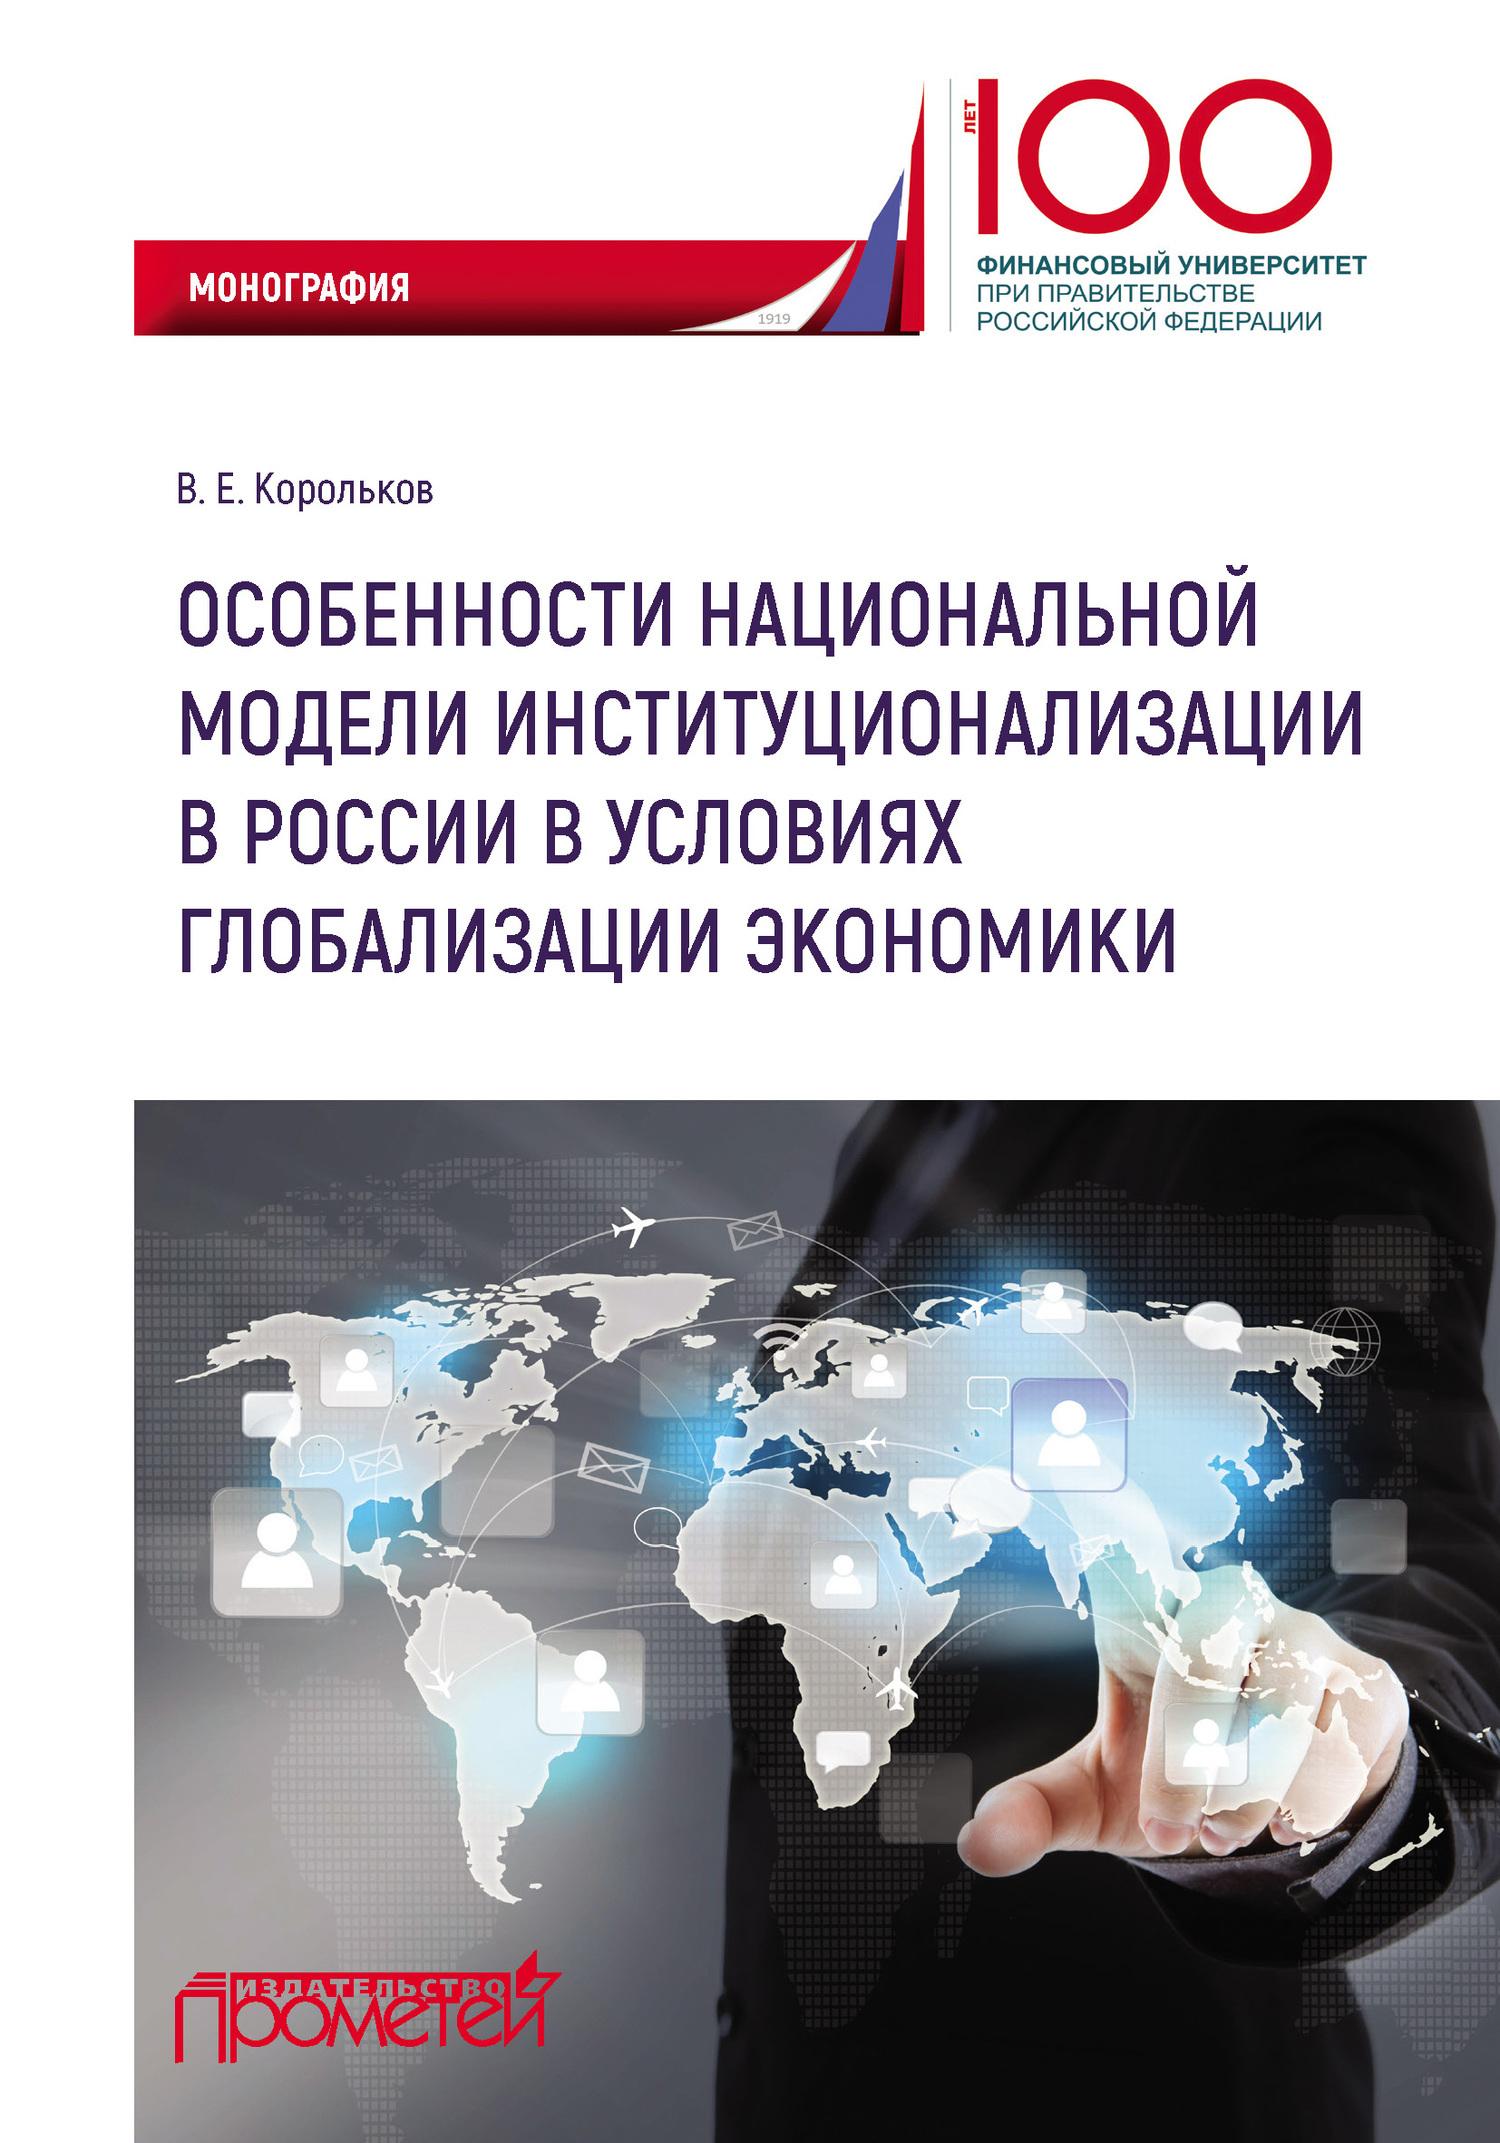 Обложка книги. Автор - Владимир Корольков